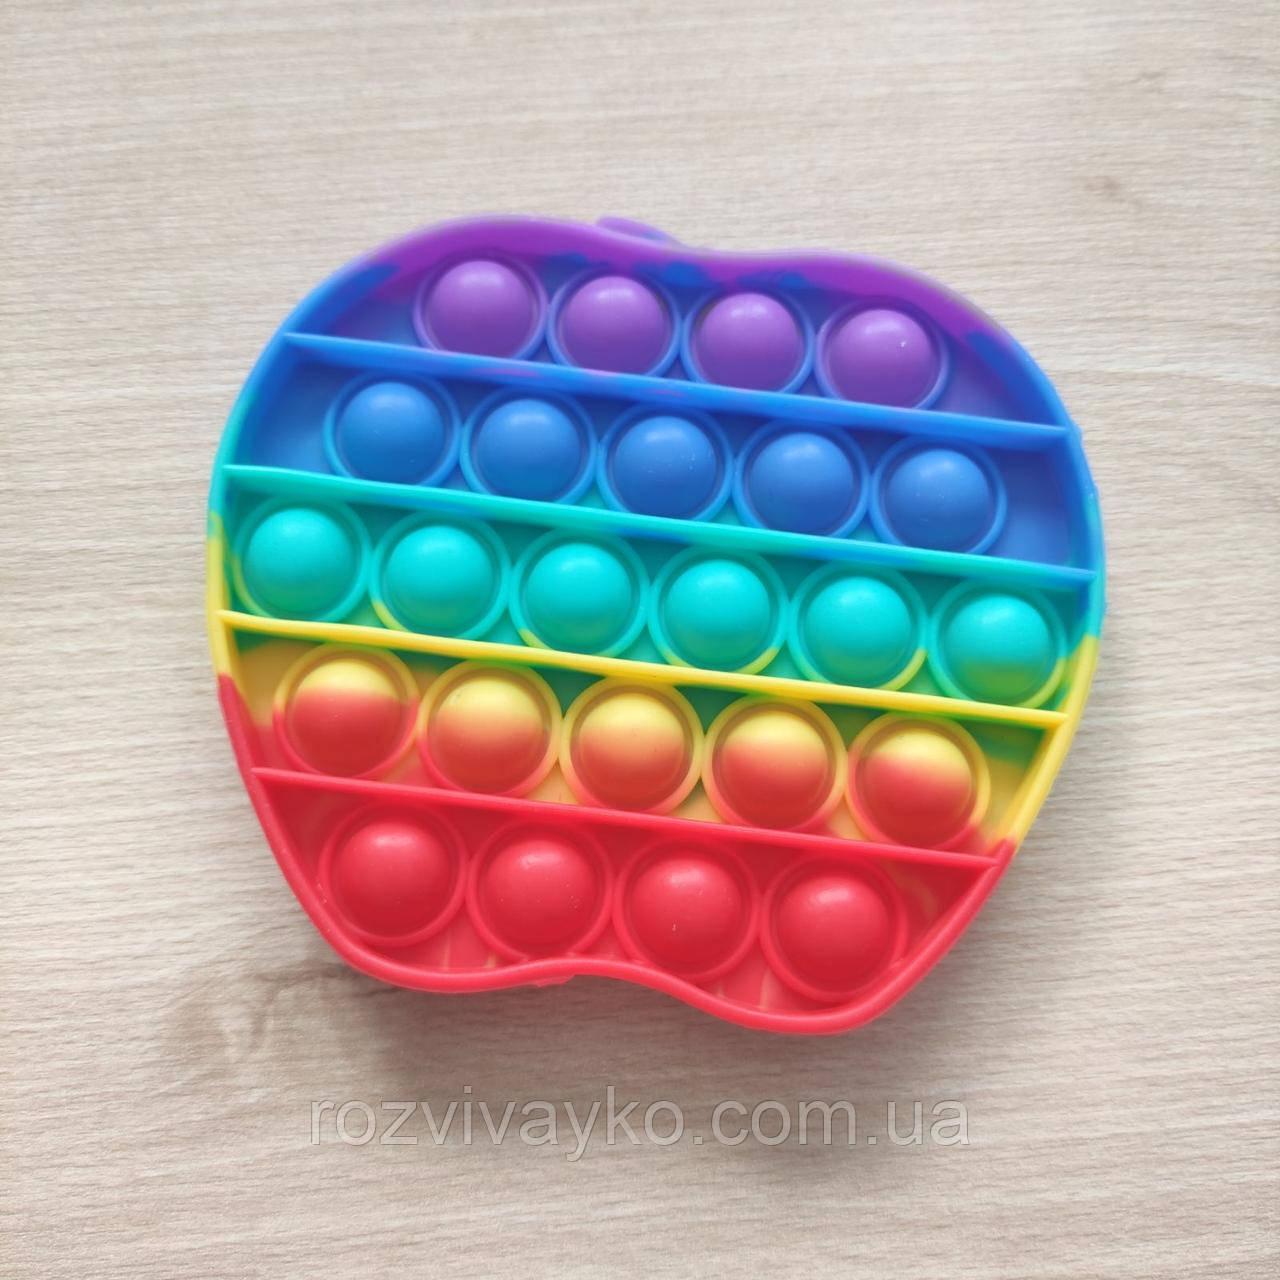 Антистресс Pop It разноцветный яблоко